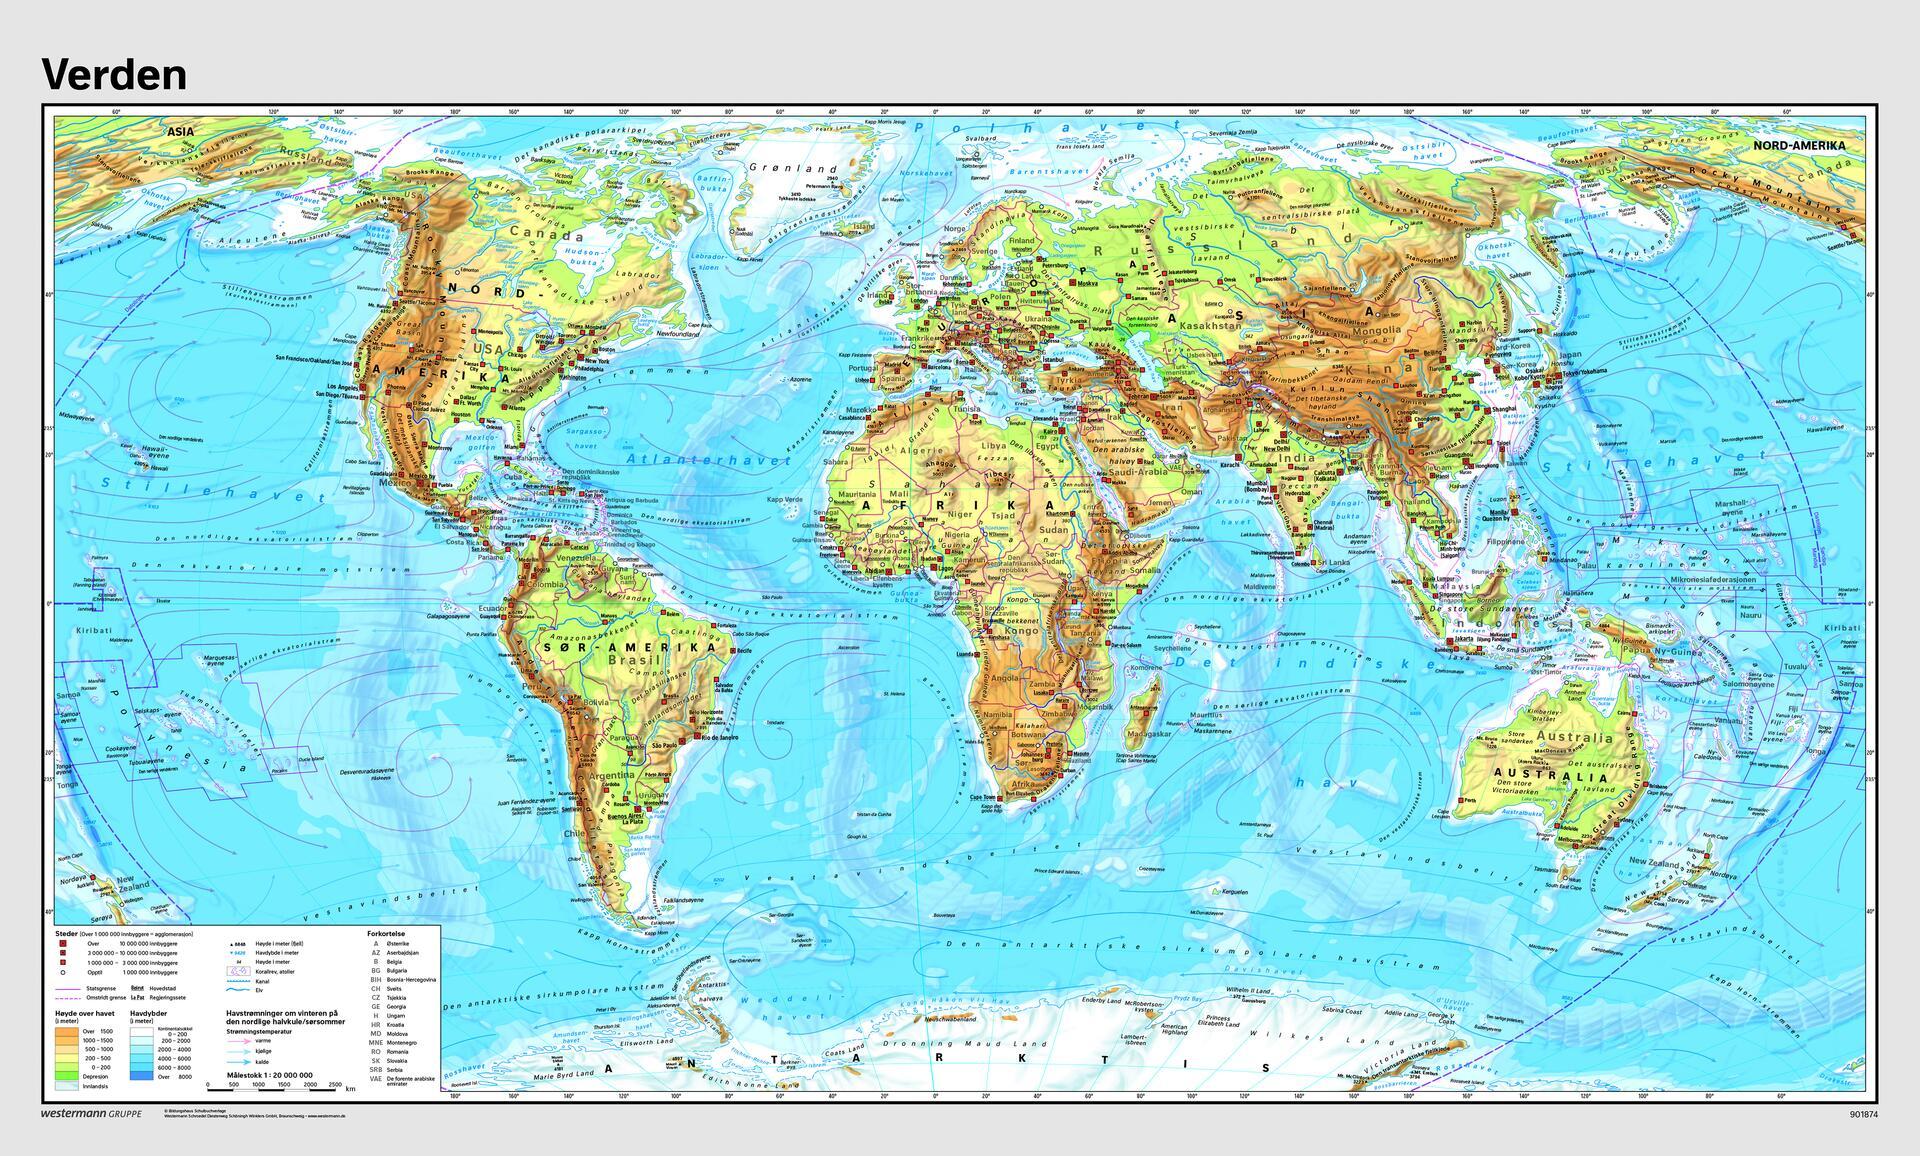 europa kart med målestokk Verdenskart m/selvløftende stokk og snor   Lekolar Norge europa kart med målestokk